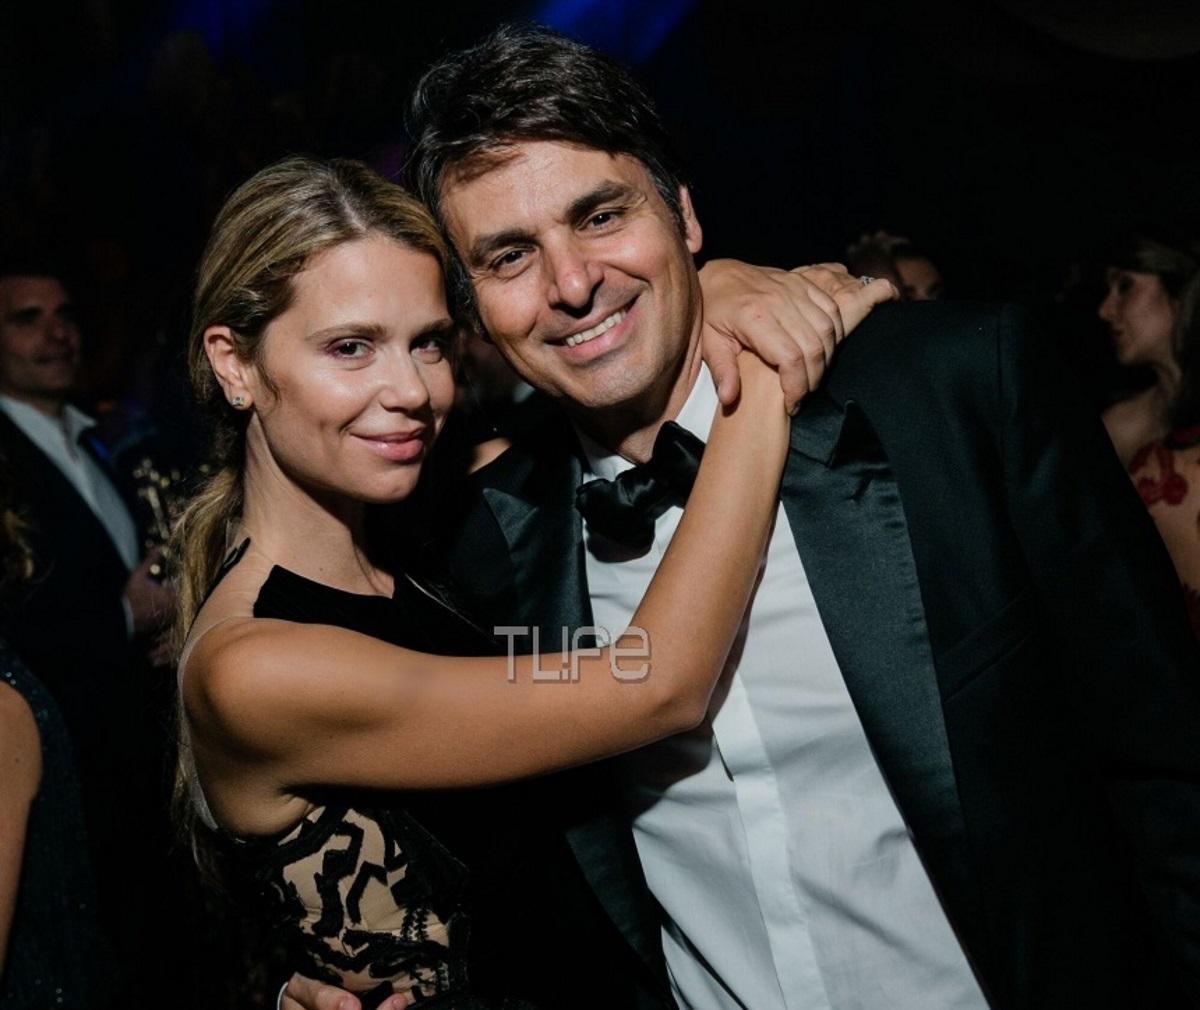 Νίκος Κριθαριώτης – Ναστάζια Δαρίβα: Αγκαλιά στον γάμο της χρονιάς! Φωτογραφία